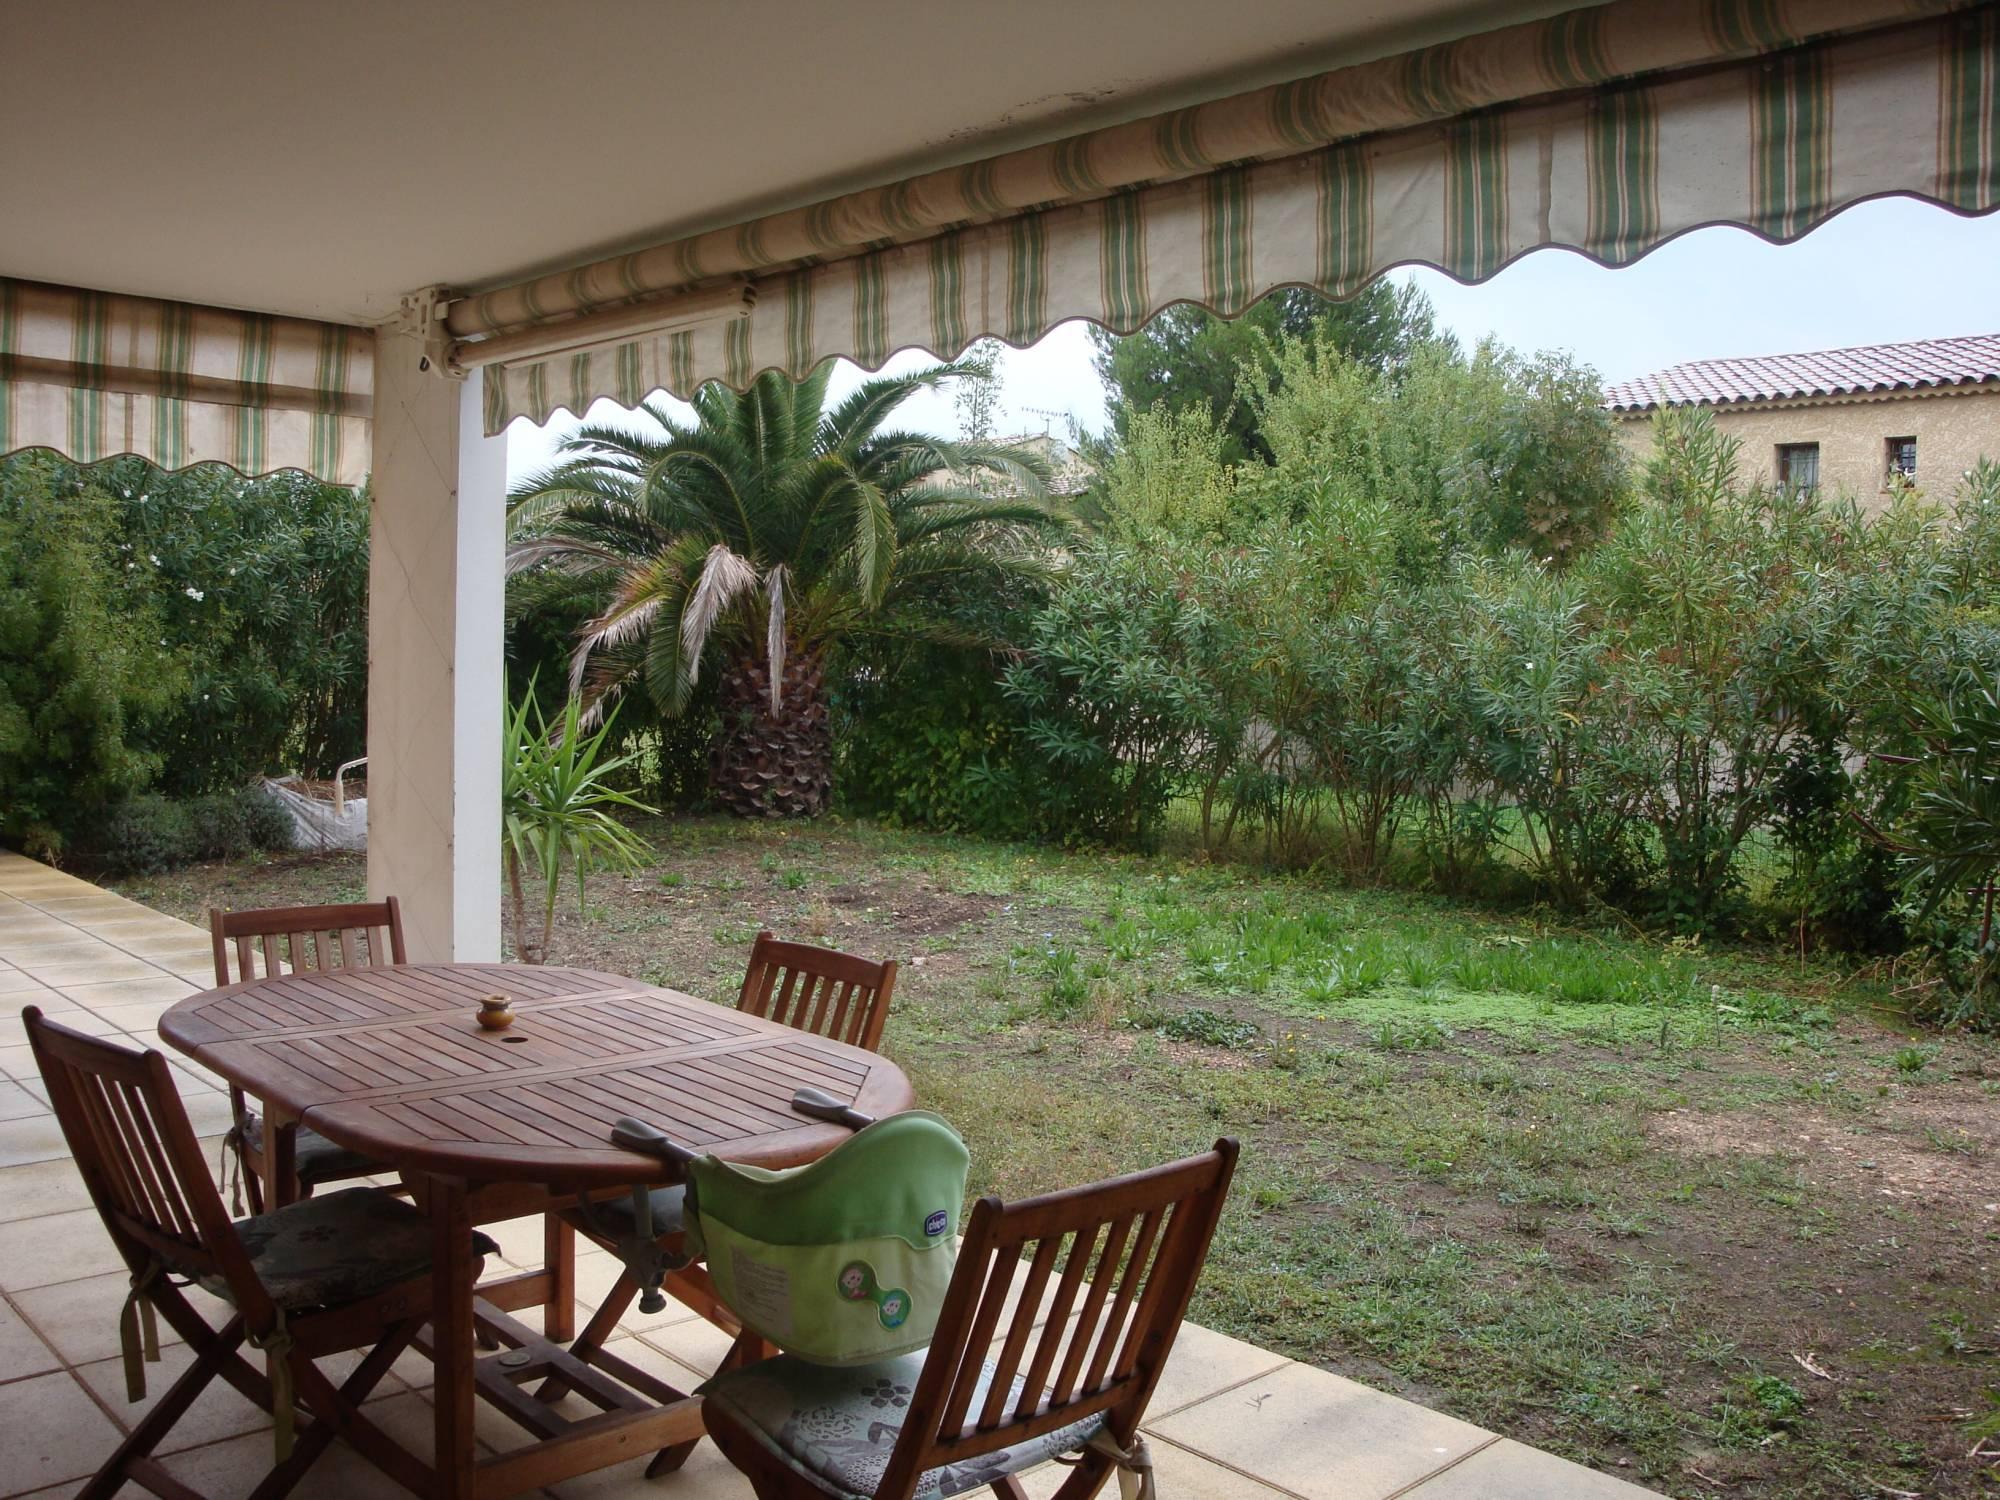 Location Appartement Rez De Jardin à Location Rez De Jardin Lyon